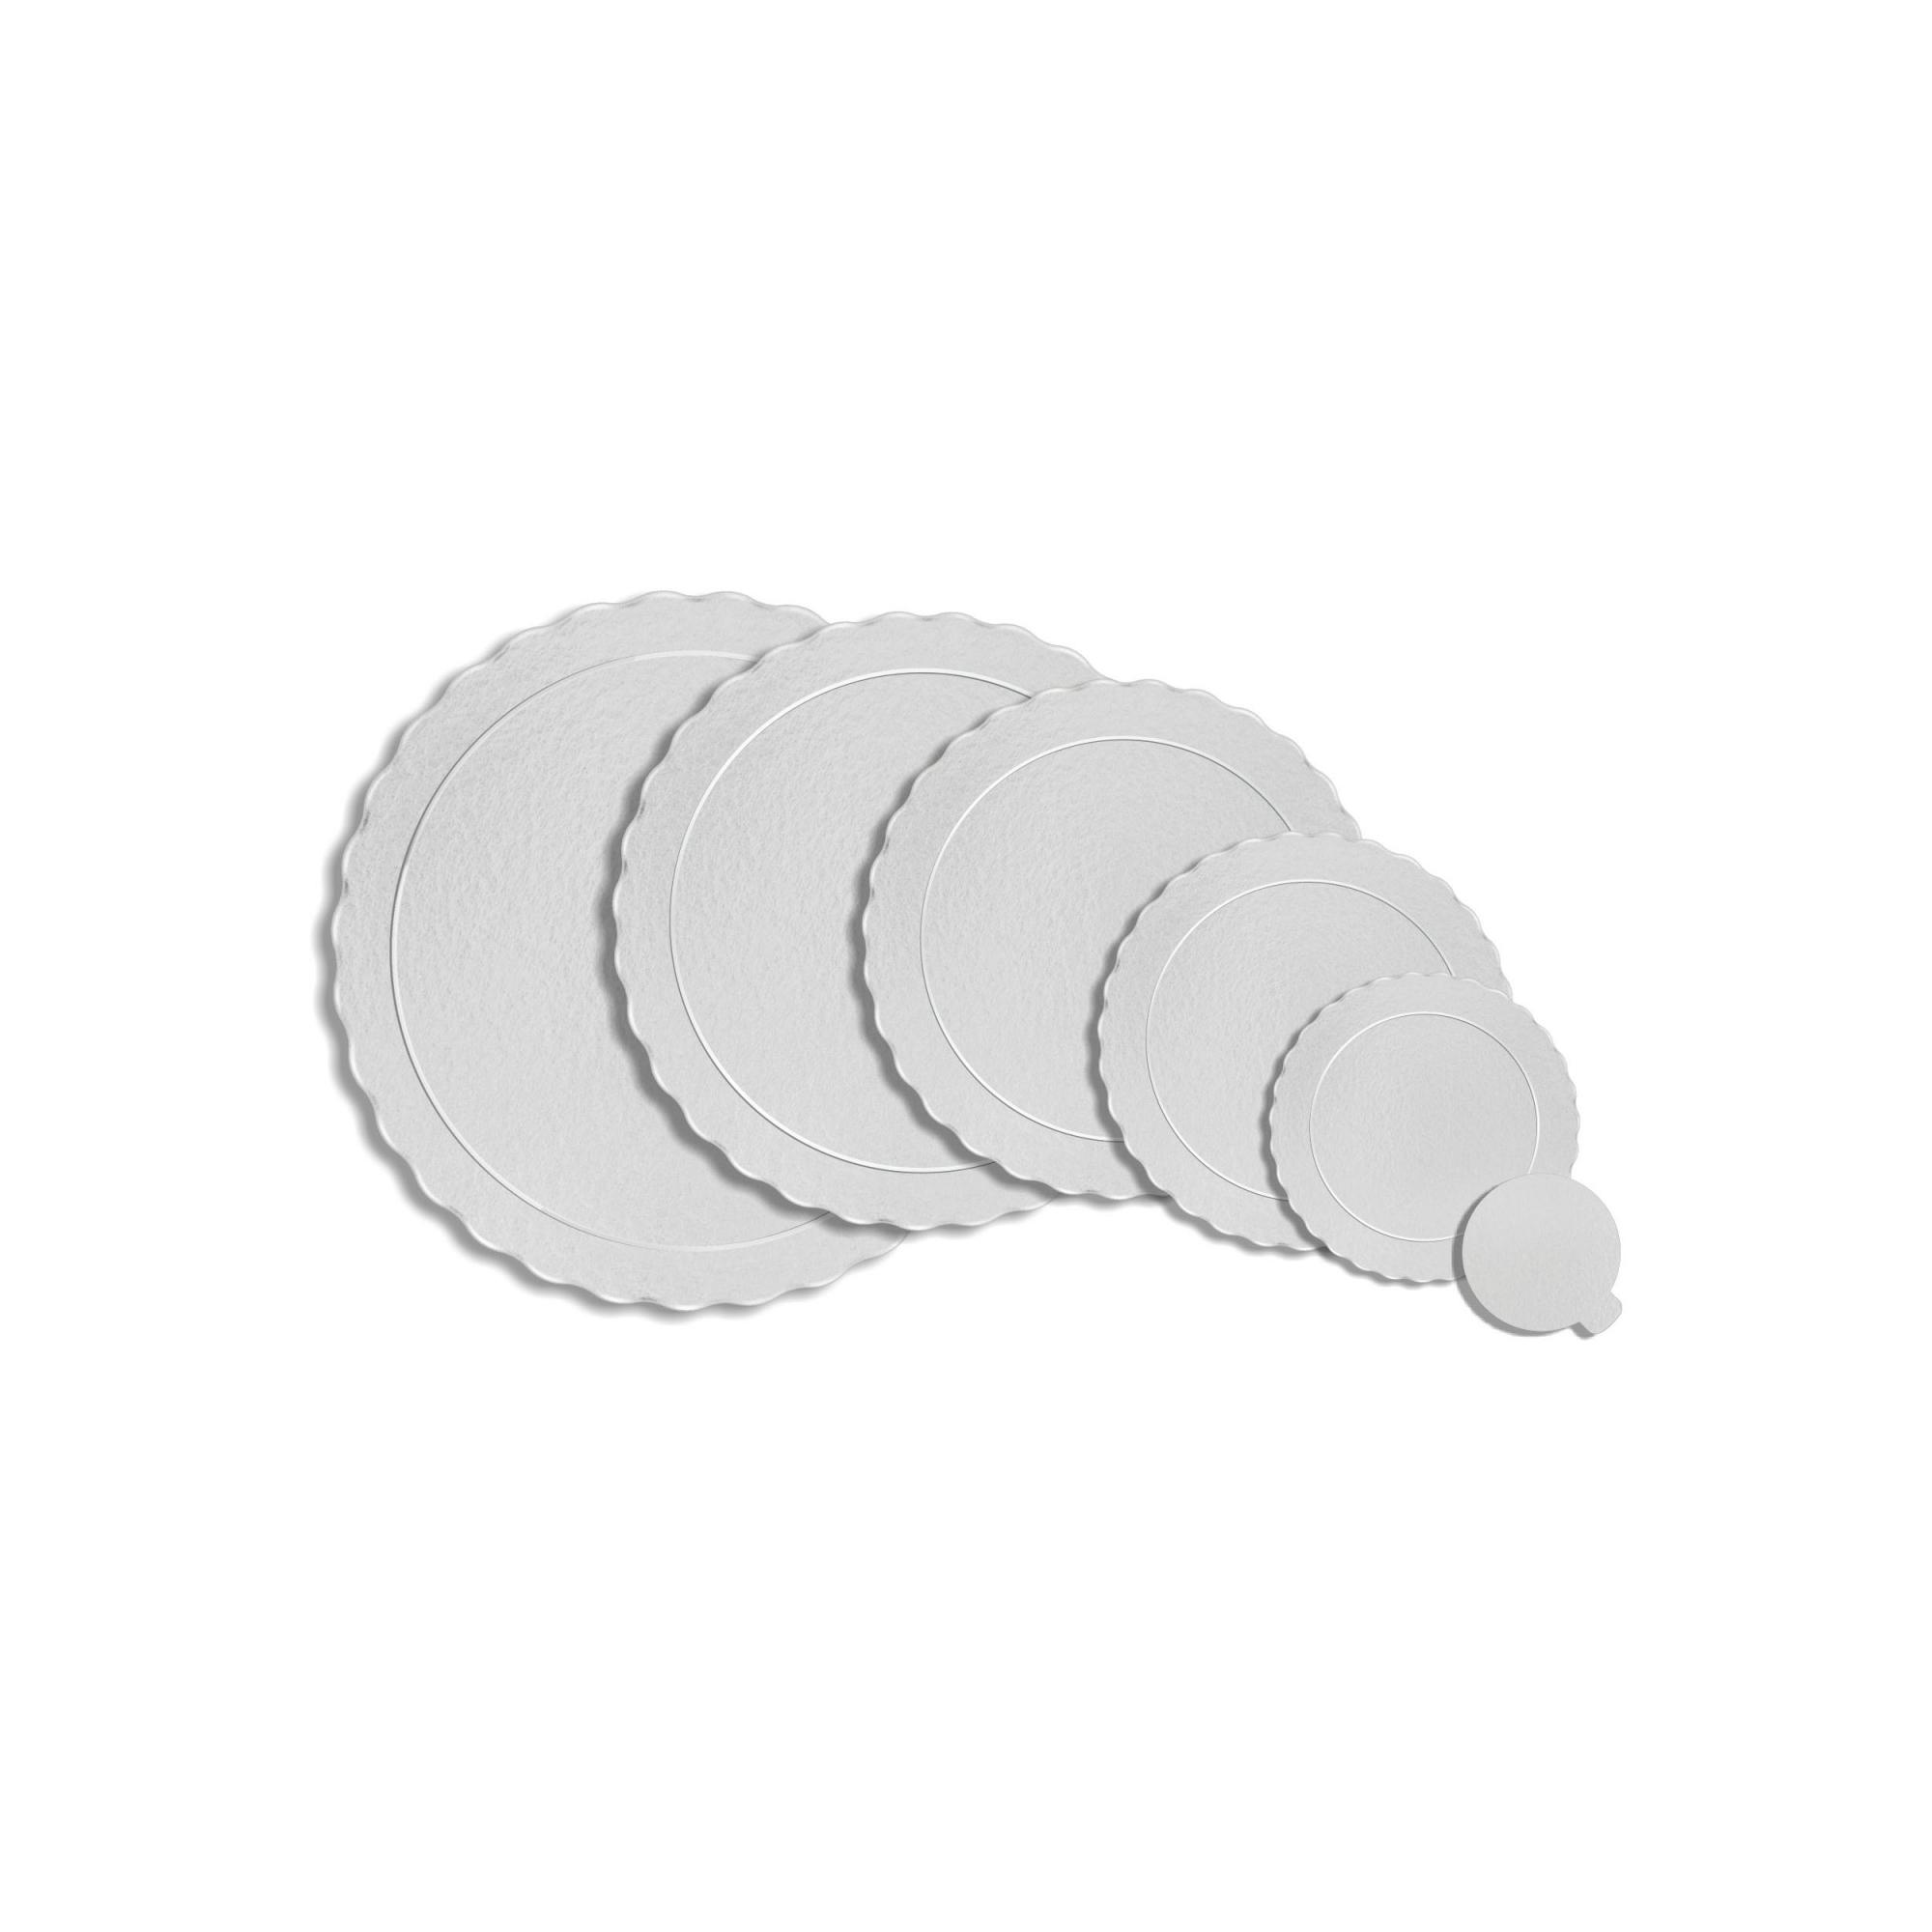 60 Bases Laminadas, Suporte P/ Bolo, Cake Board, Kit 20, 25 e 30cm - Branca